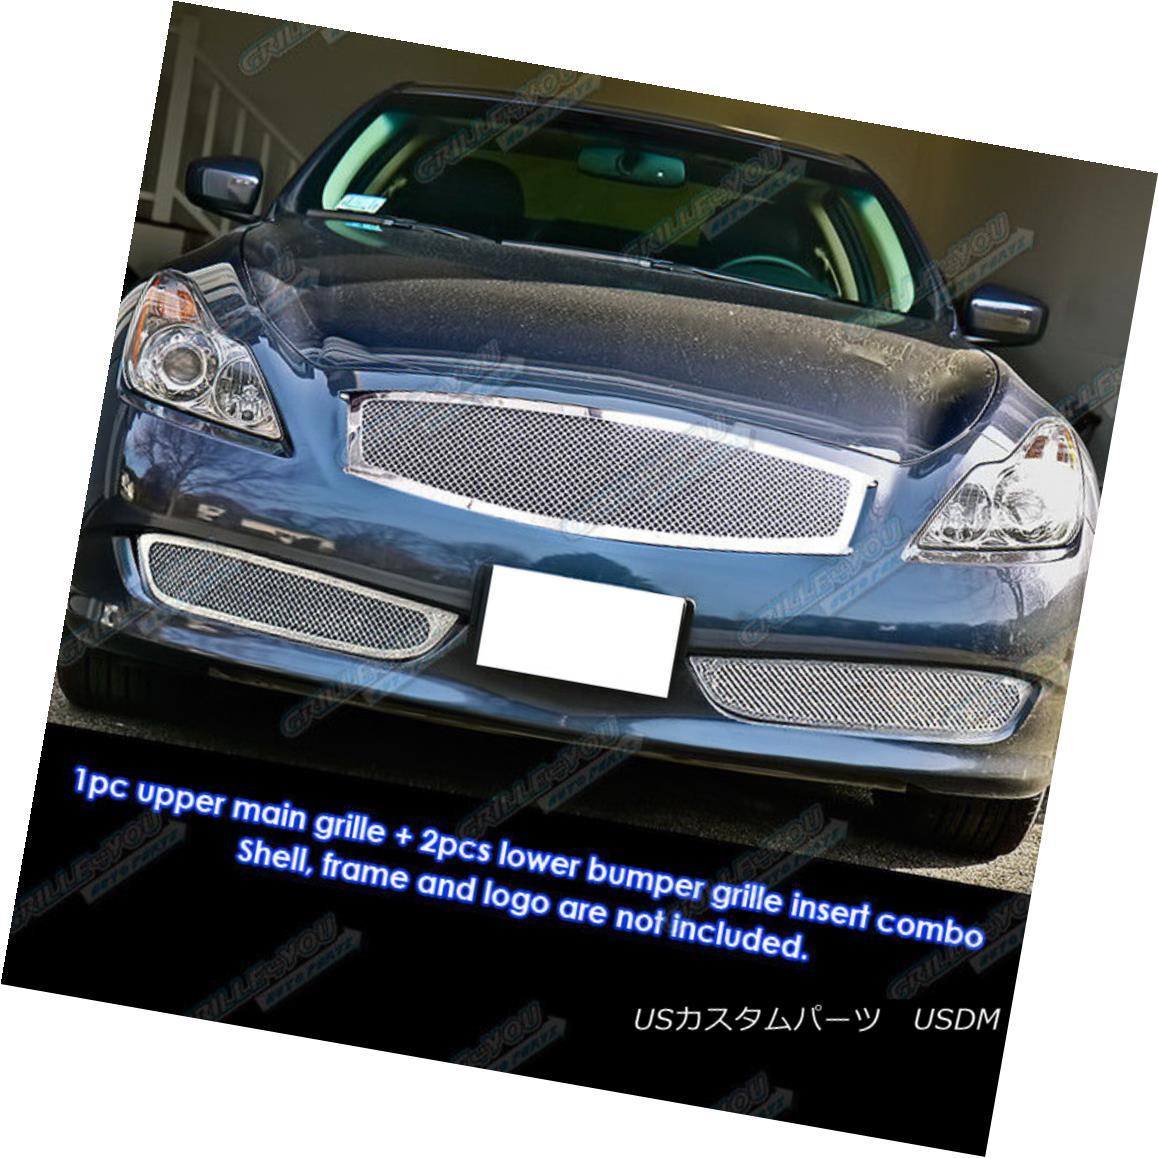 グリル Fits 2008-2010 Infiniti G37 Coupe Mesh Grille Combo Insert フィット2008-2010インフィニティG37クーペメッシュグリルコンボインサート